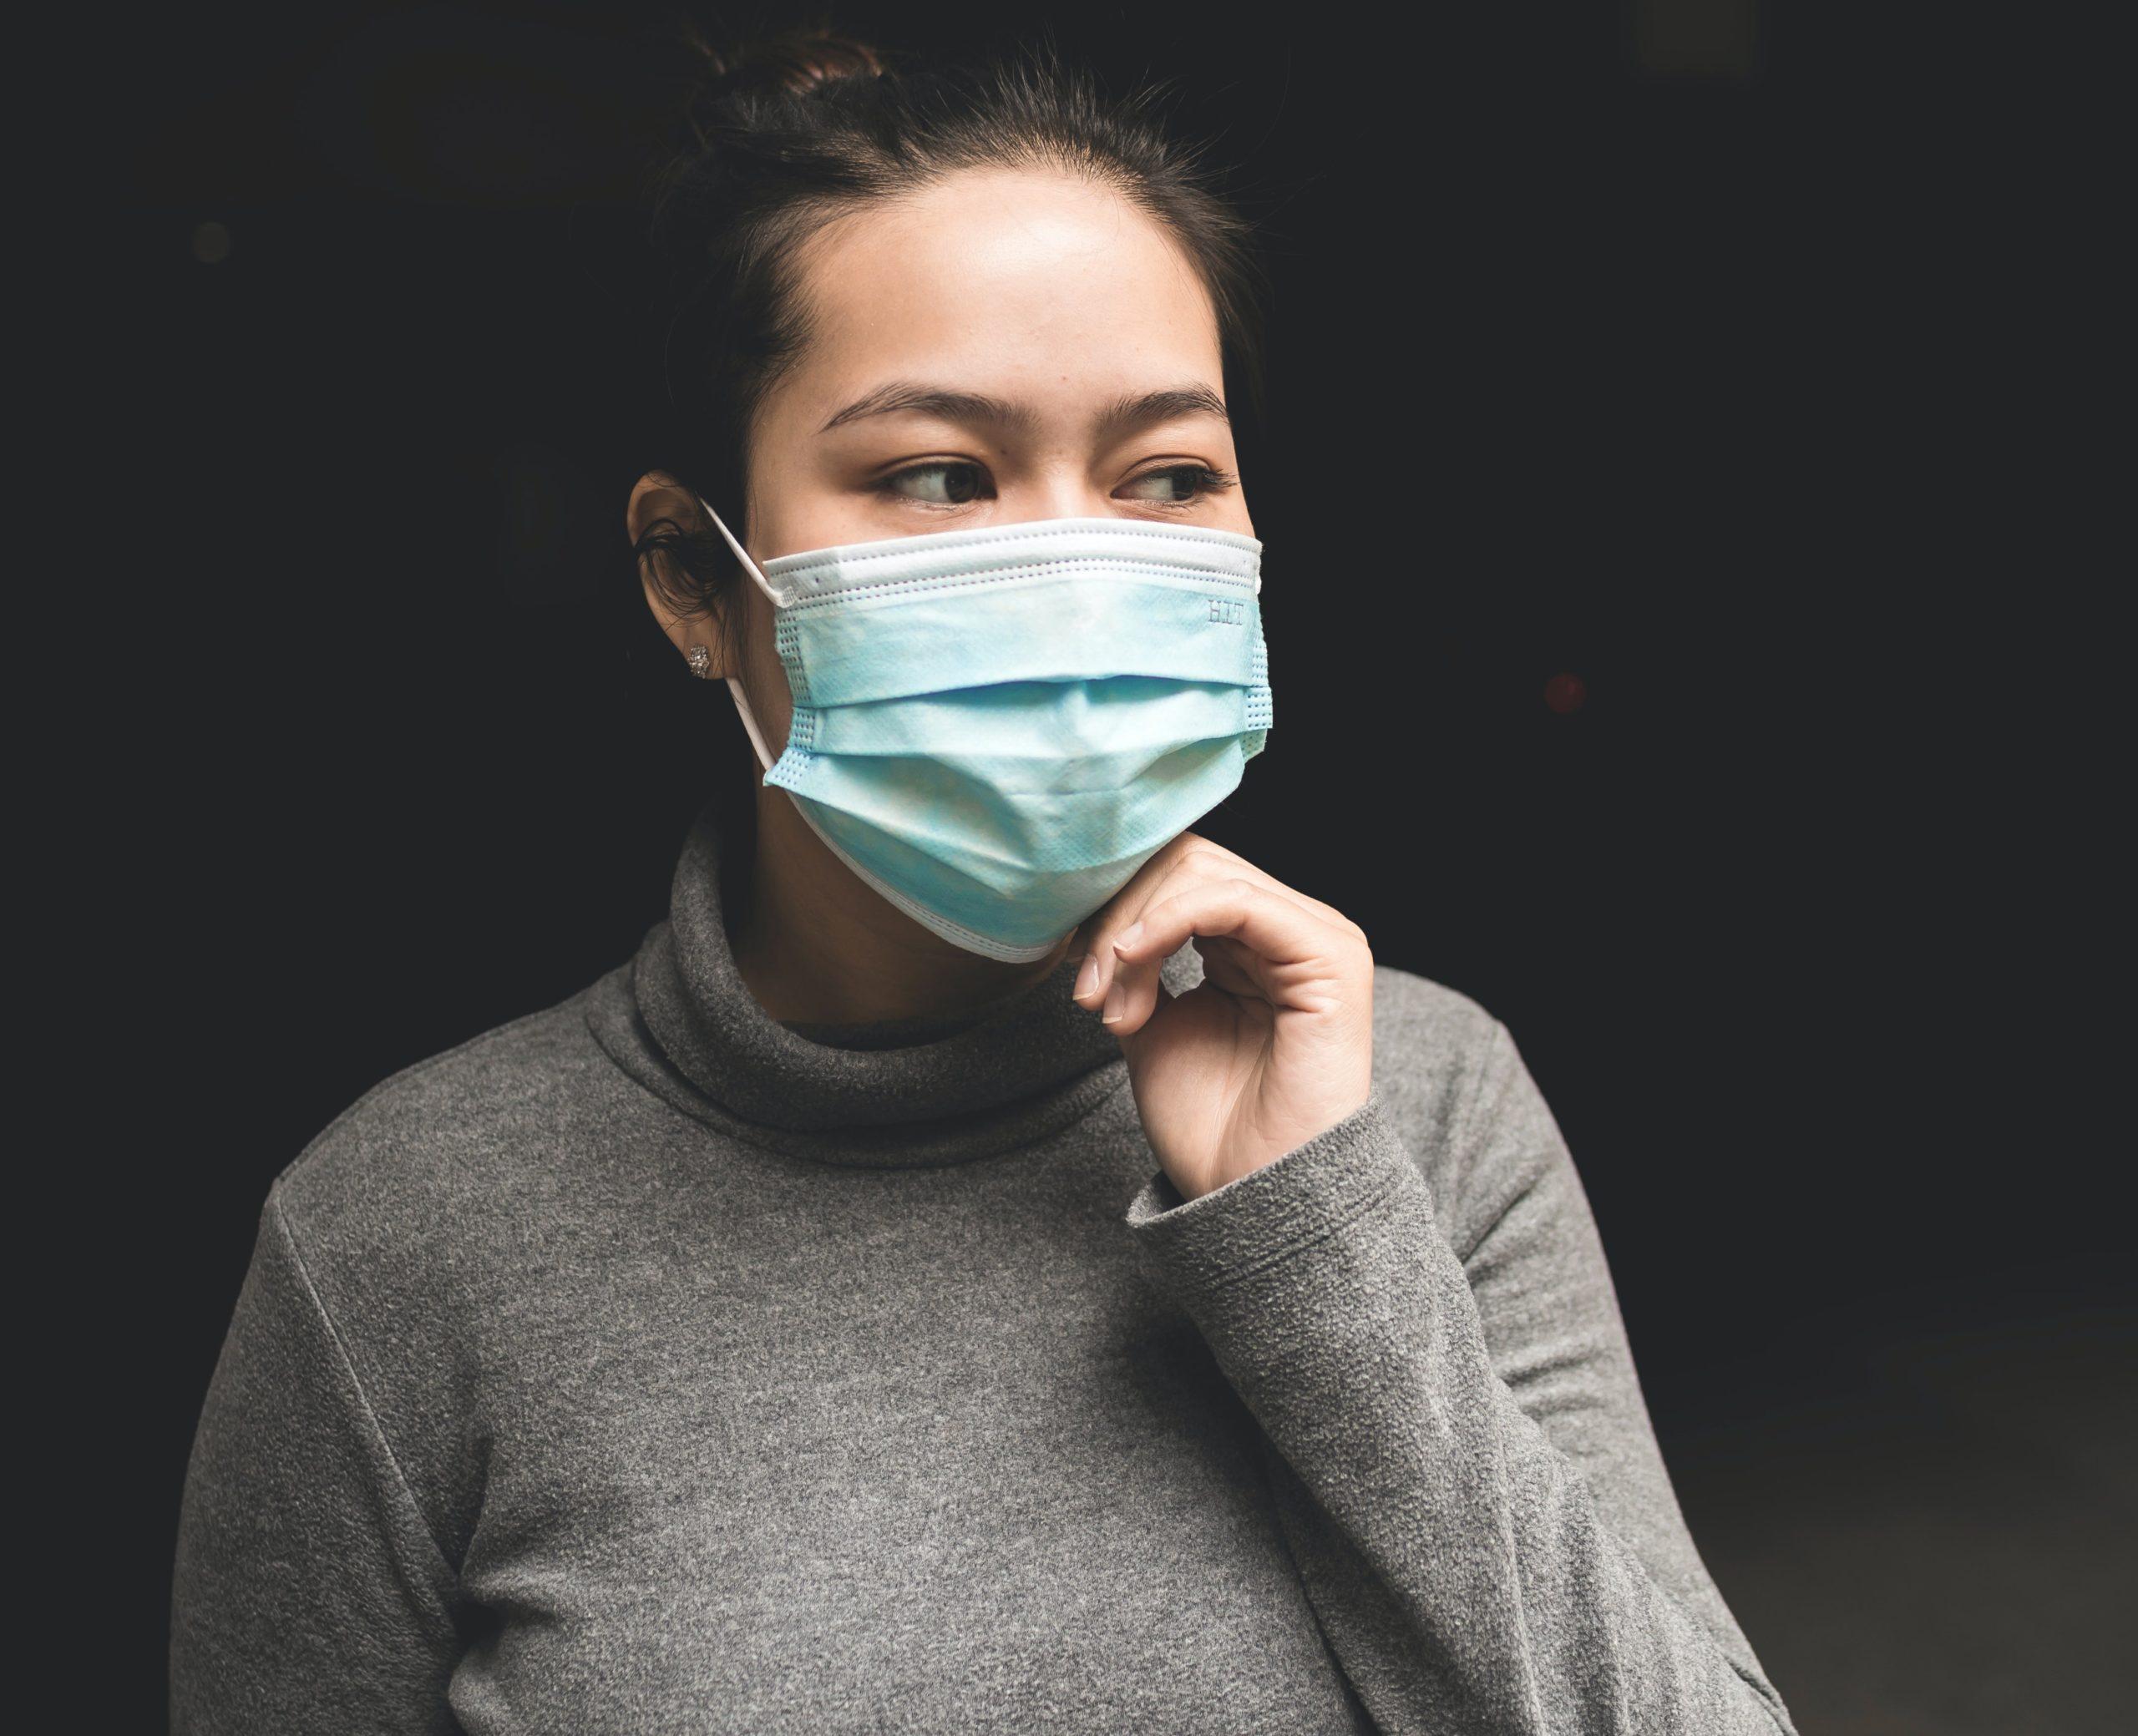 Medizinische Masken Anlegen – so geht's